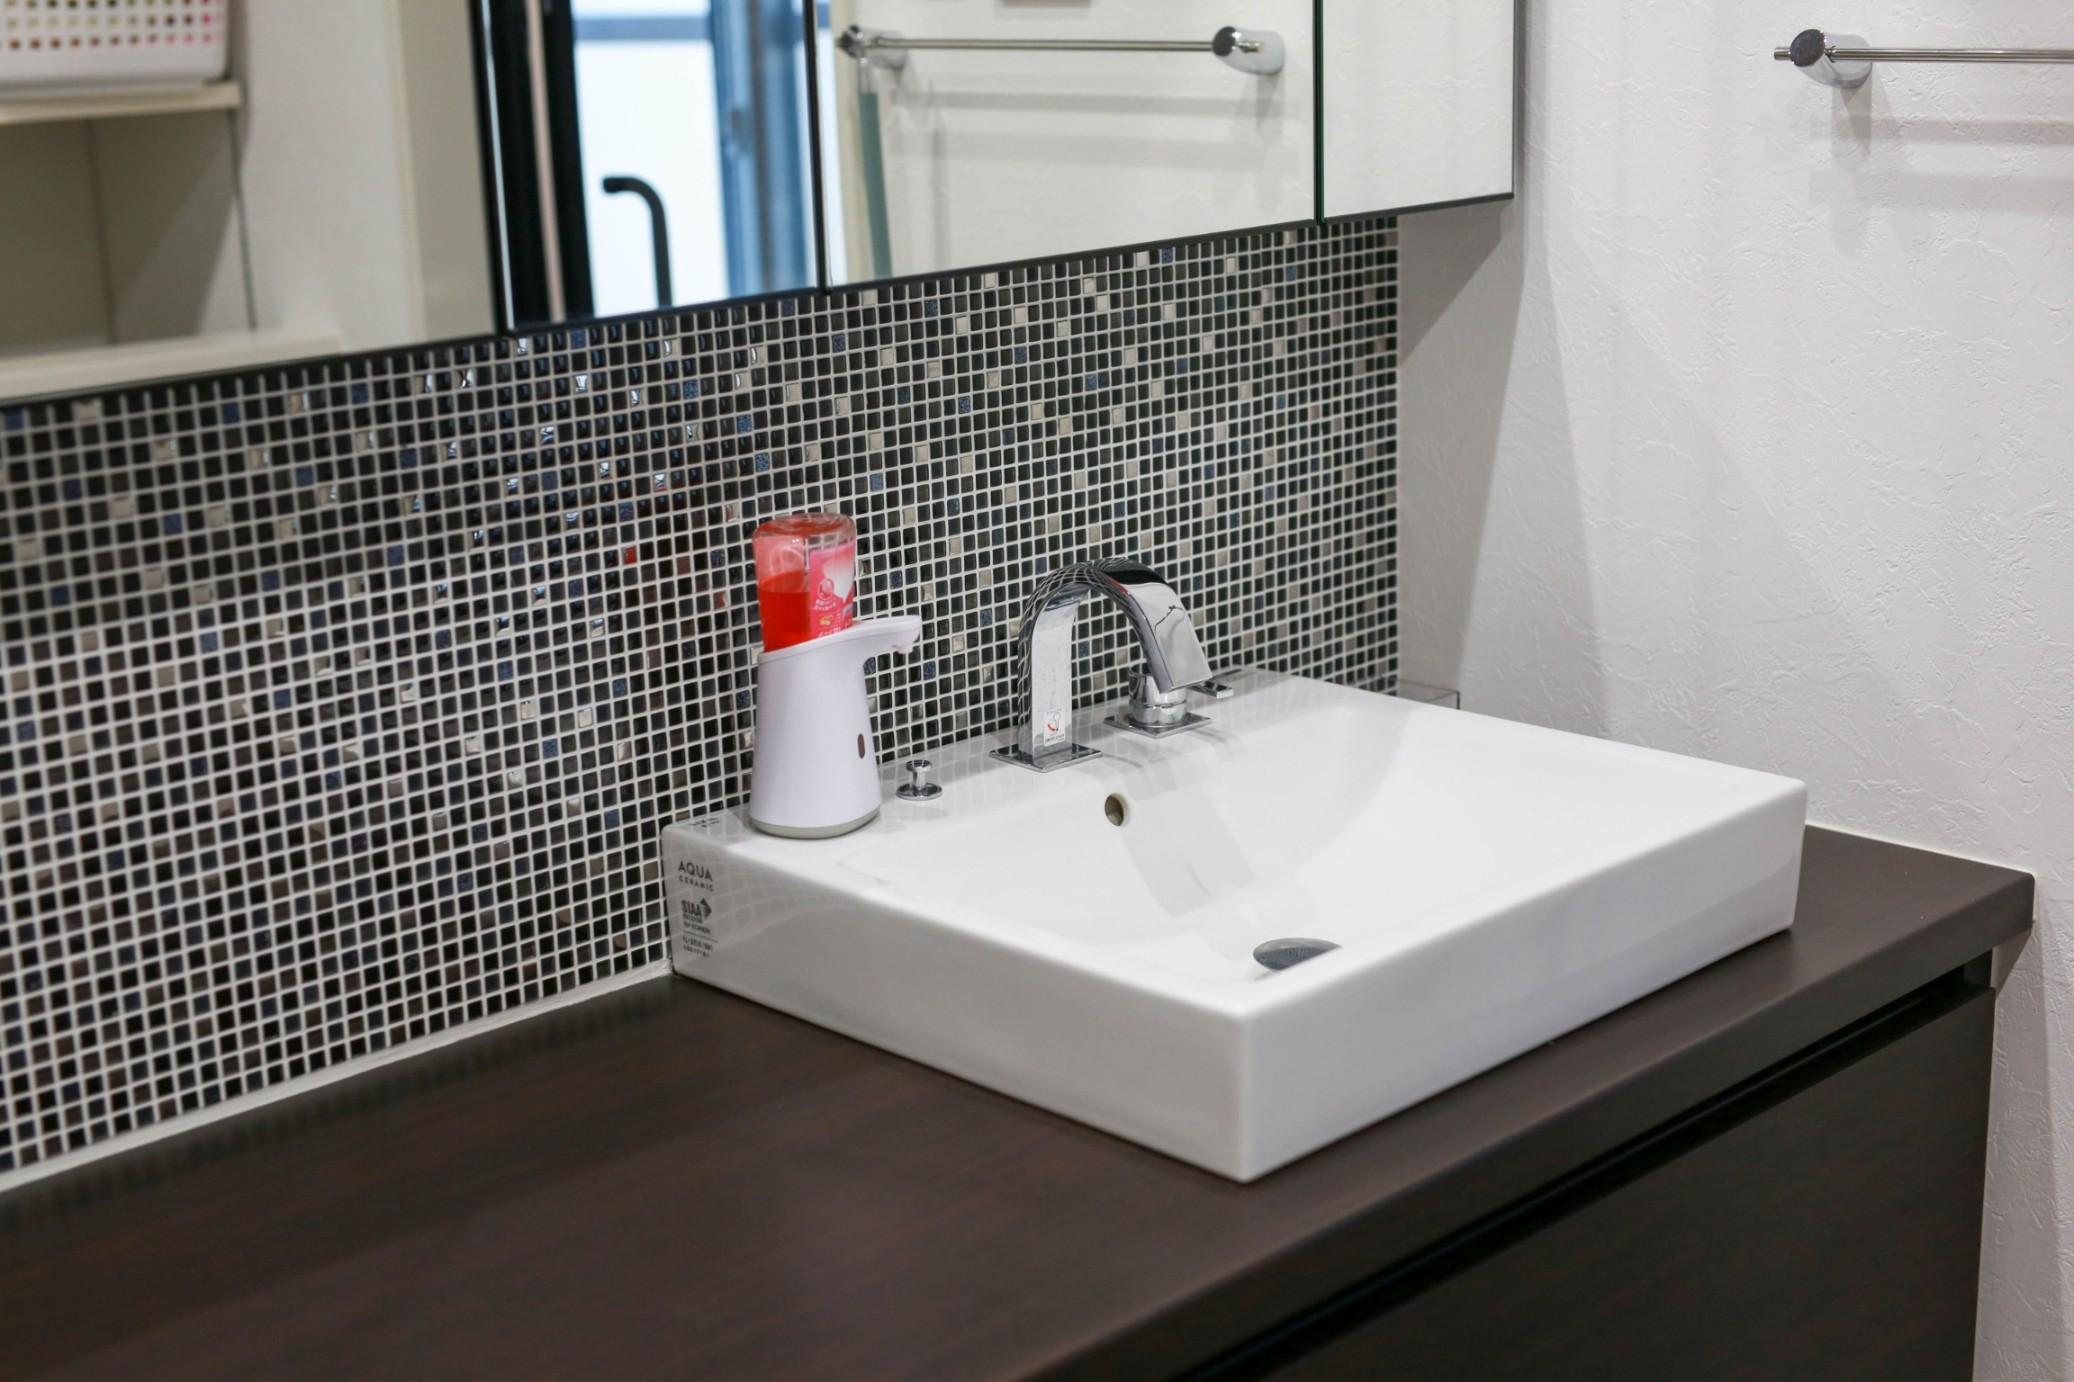 バリ島のリゾートホテルの「トイレ」を再現! コーディネートのポイントを紹介